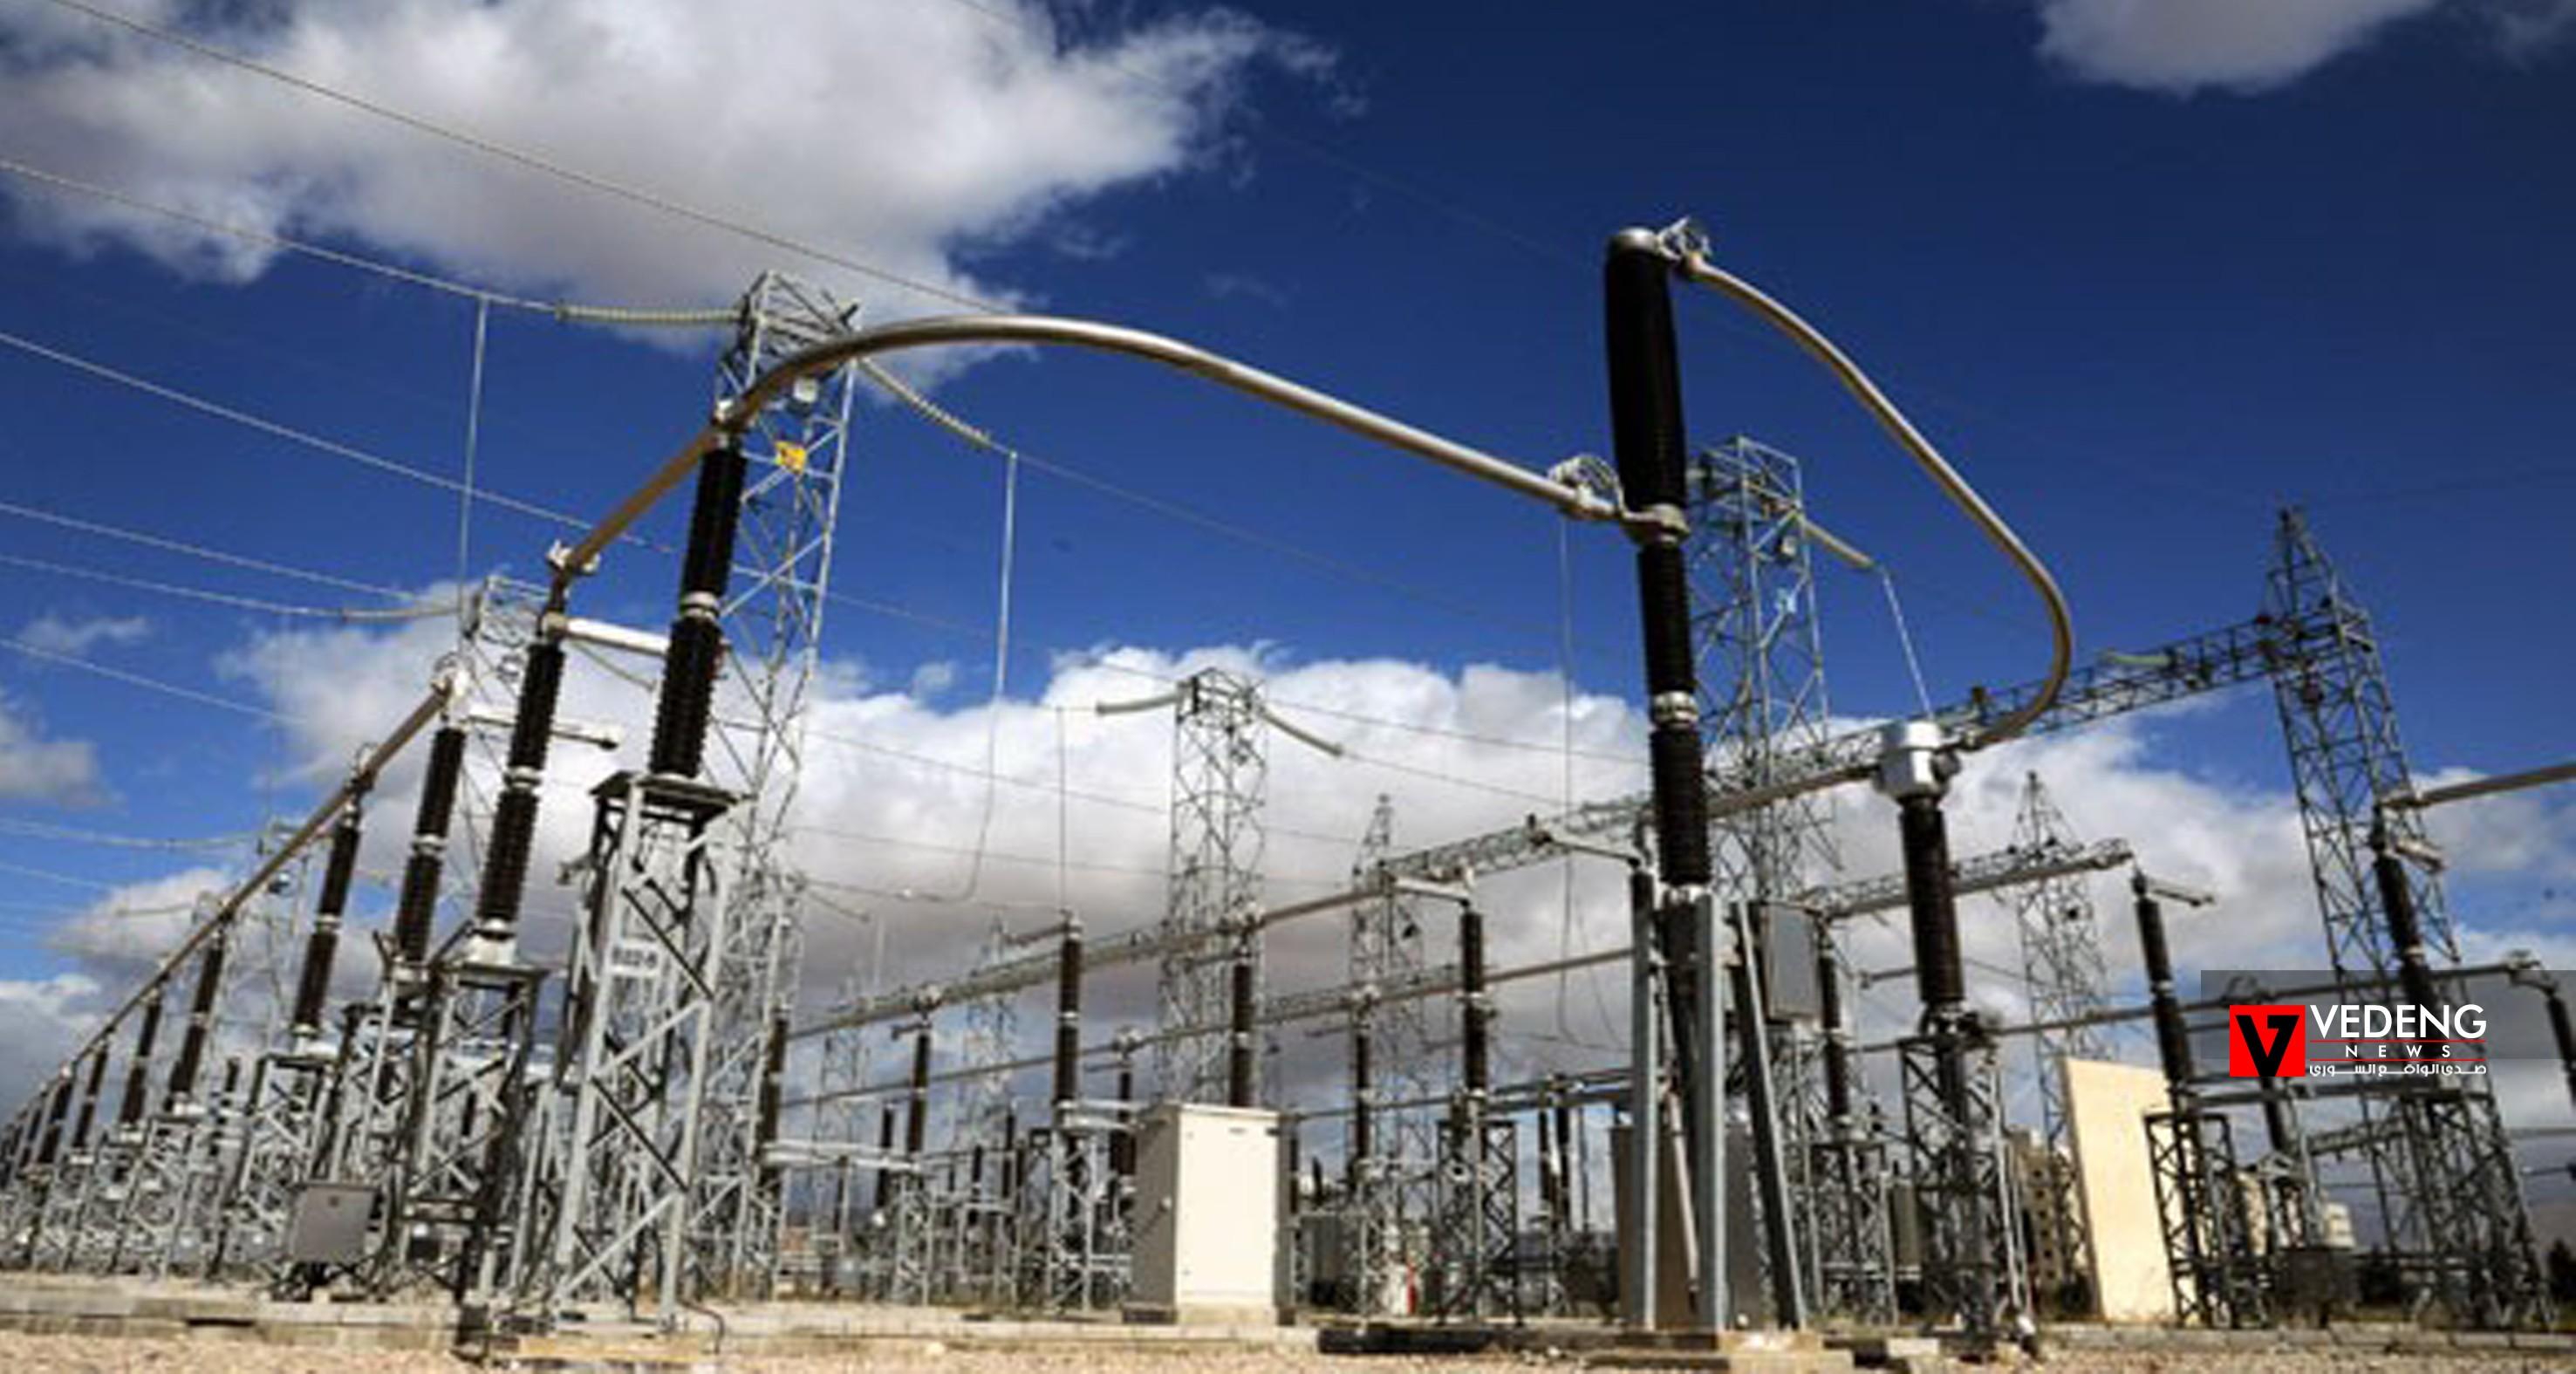 حكومة النظام: الوضع لا يسمح ببيع ميغا واط كهرباء واحد إلى لبنان